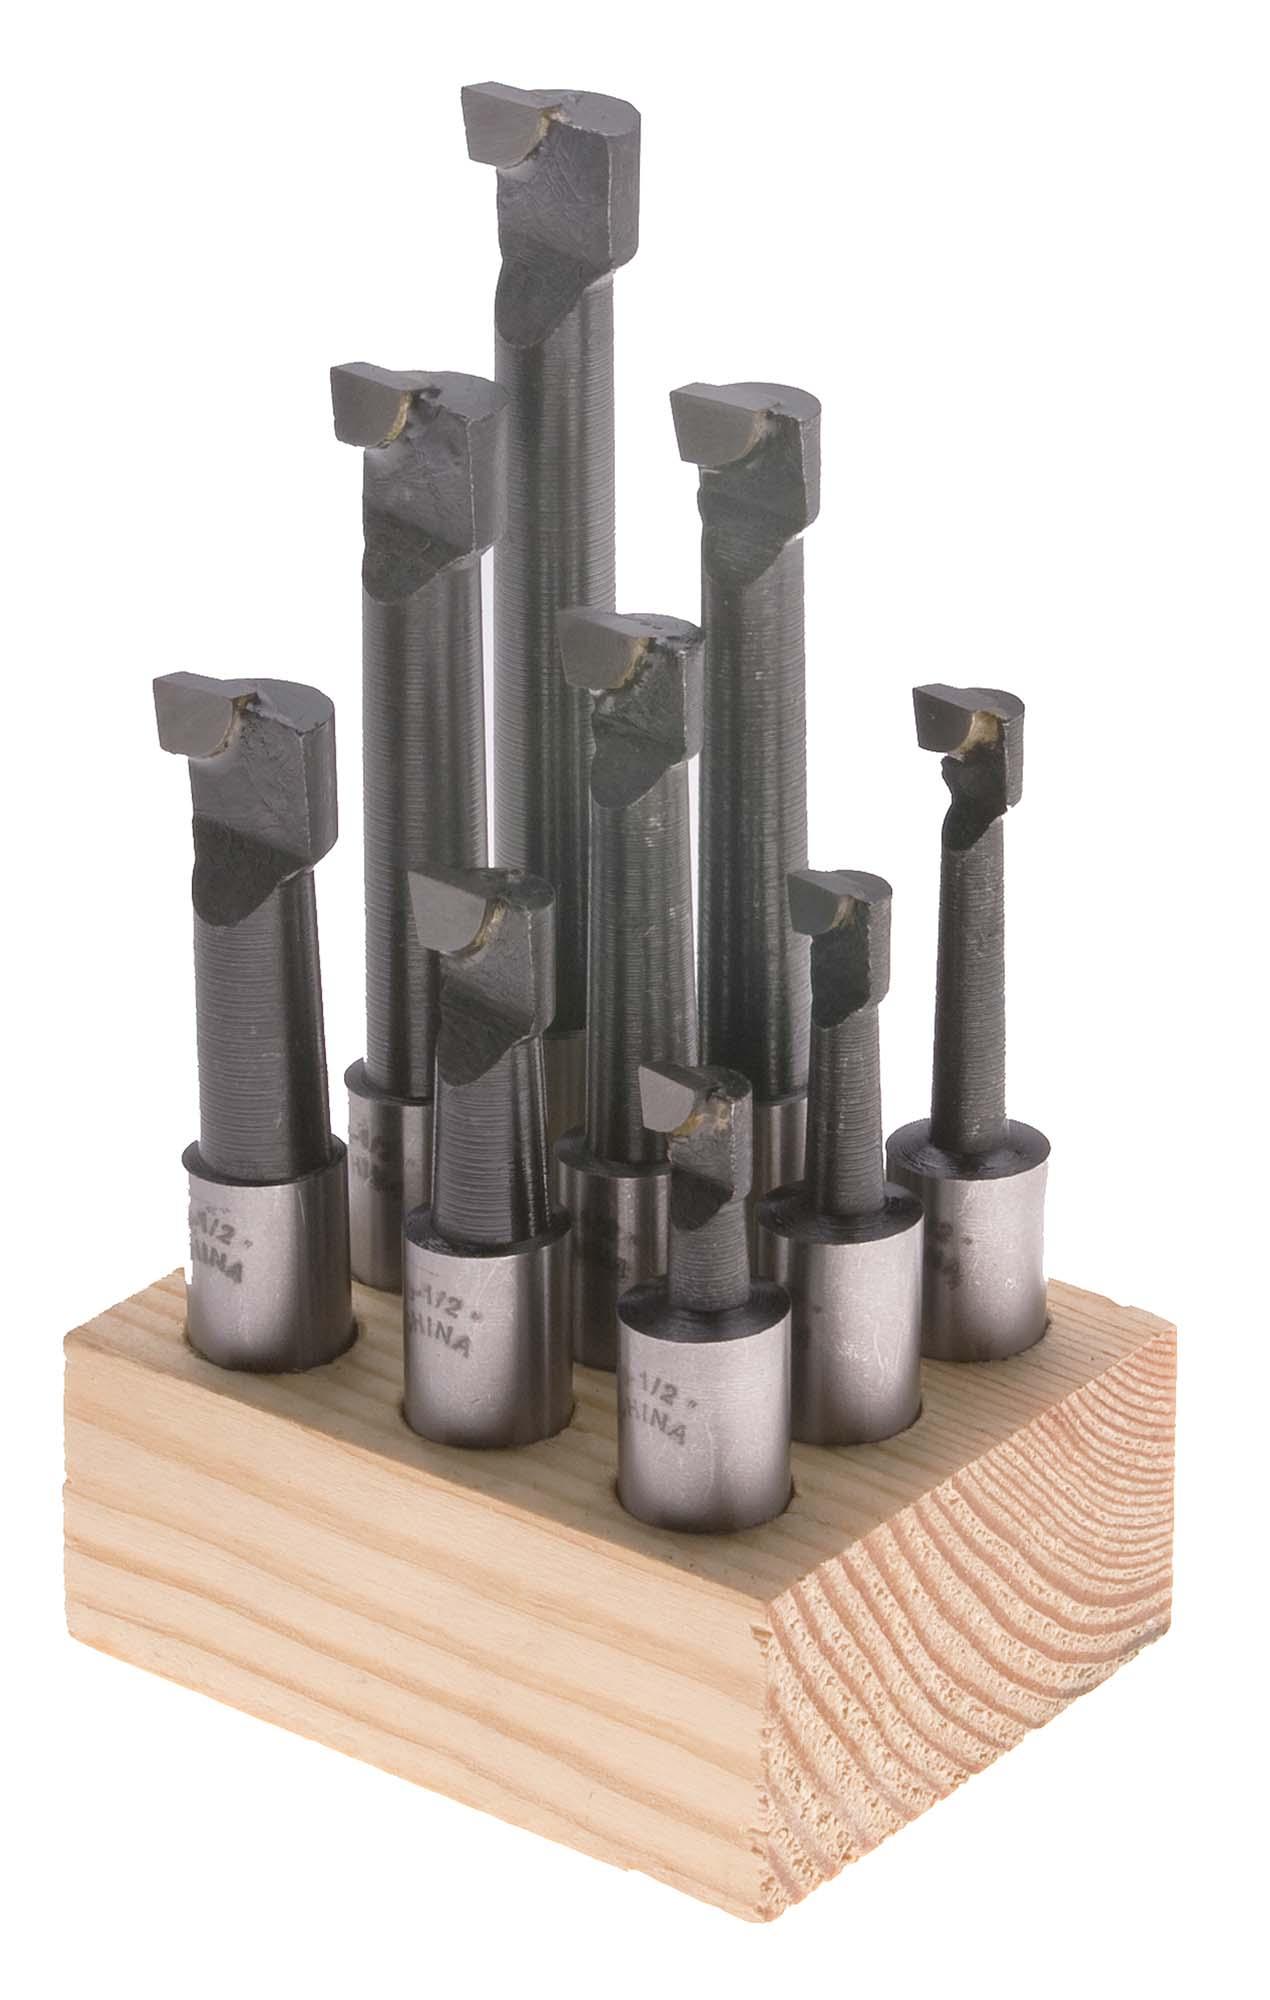 """BBCA-3/4-S  3/4"""" Shank Carbide Tip Boring Bar Set - 12 Piece"""